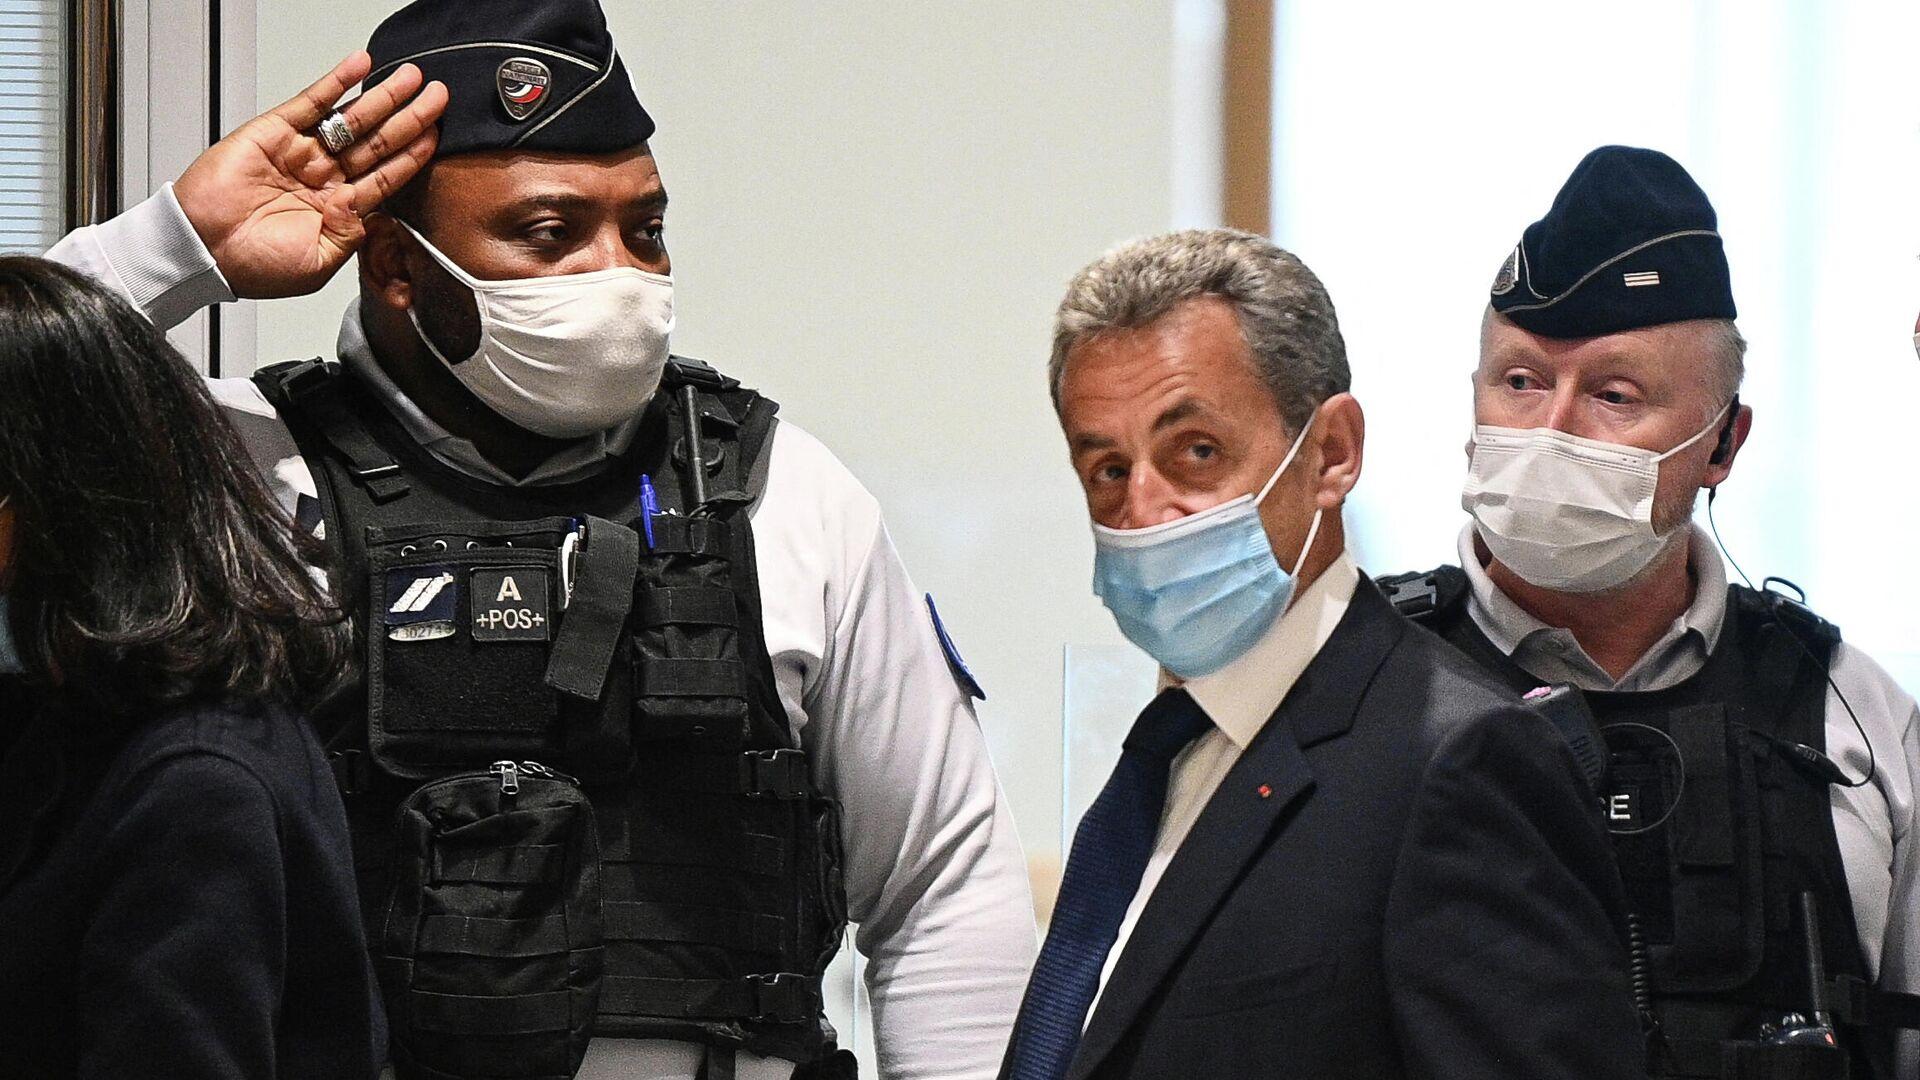 Бывший президент Франции Николя Саркози в здании суда перед вынесением приговора - РИА Новости, 1920, 17.06.2021